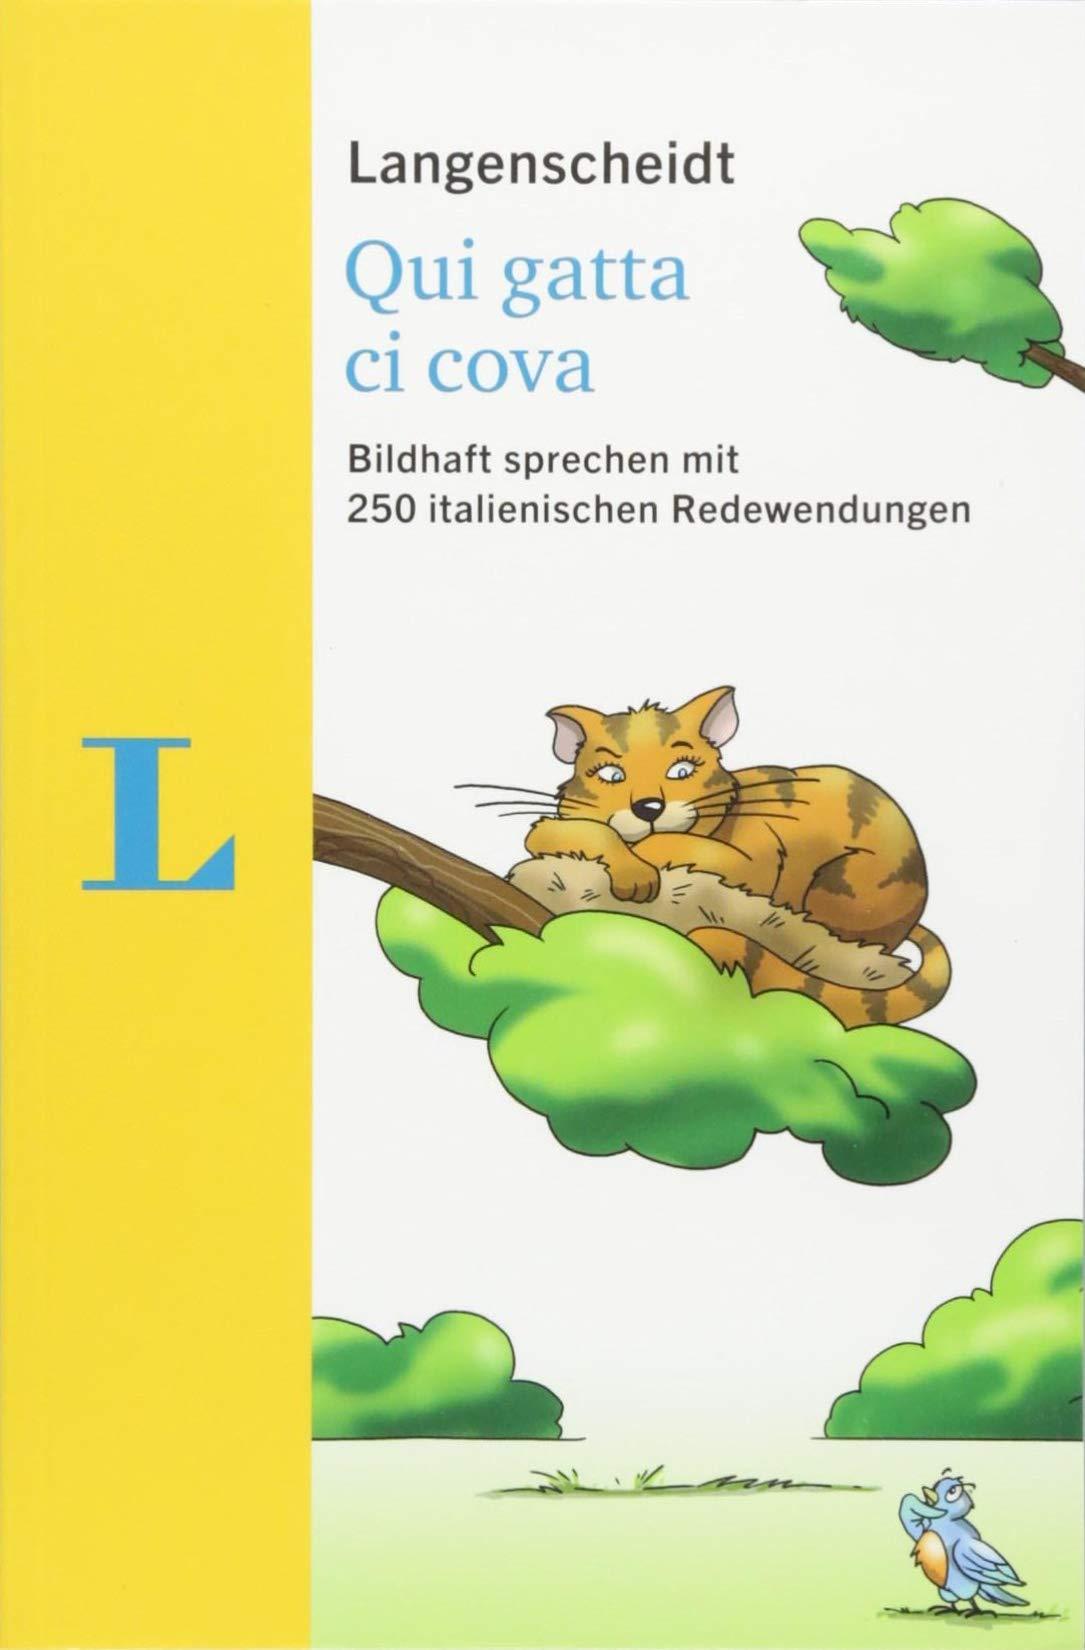 Langenscheidt Qui Gatta Ci Cova   Mit Redewendungen Und Quiz Spielerisch Lernen  Bildhaft Sprechen Mit 250 Italienischen Redewendungen  Langenscheidt Redewendungen